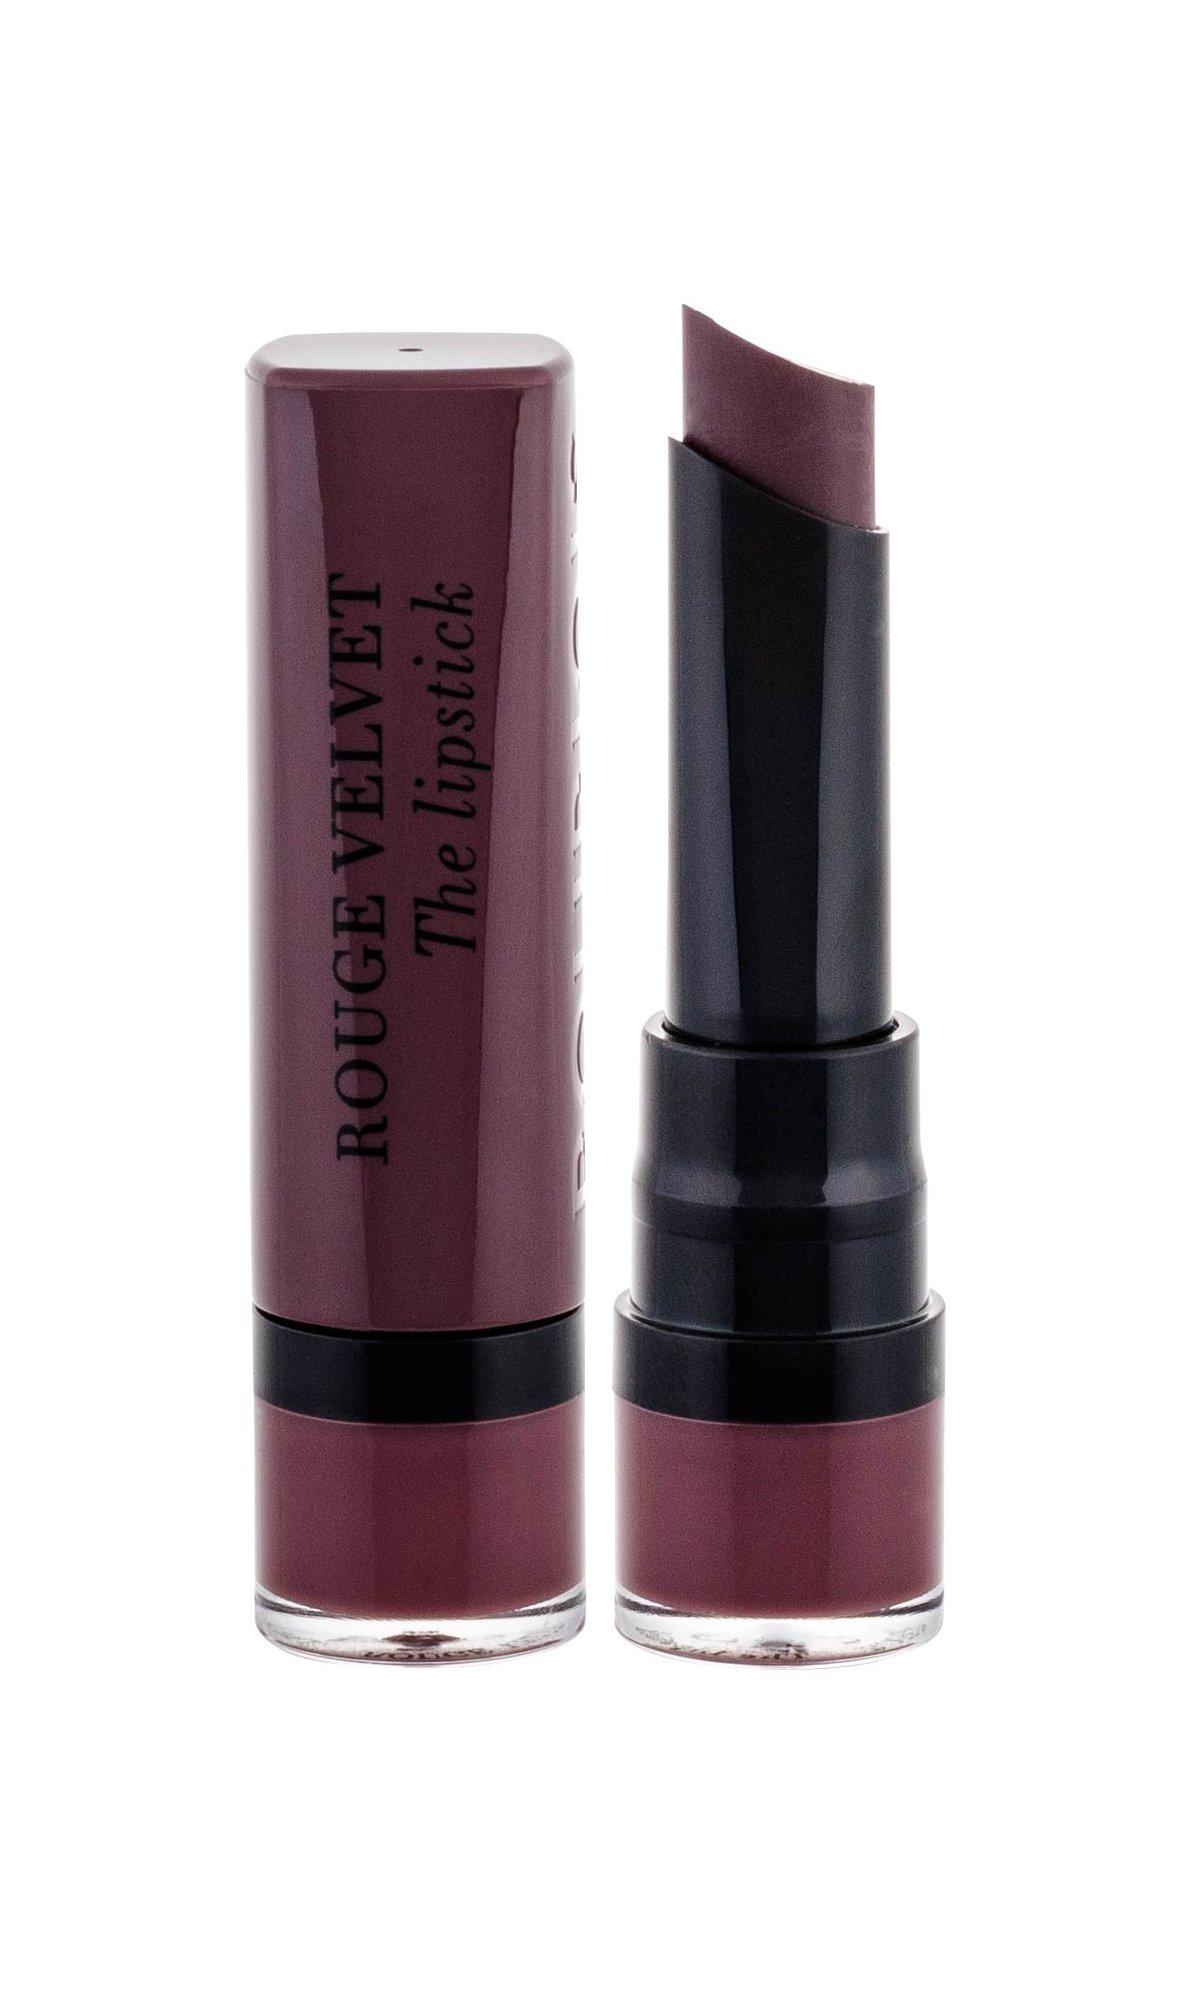 BOURJOIS Paris Rouge Velvet Lipstick 2,4ml 26 French Opéra